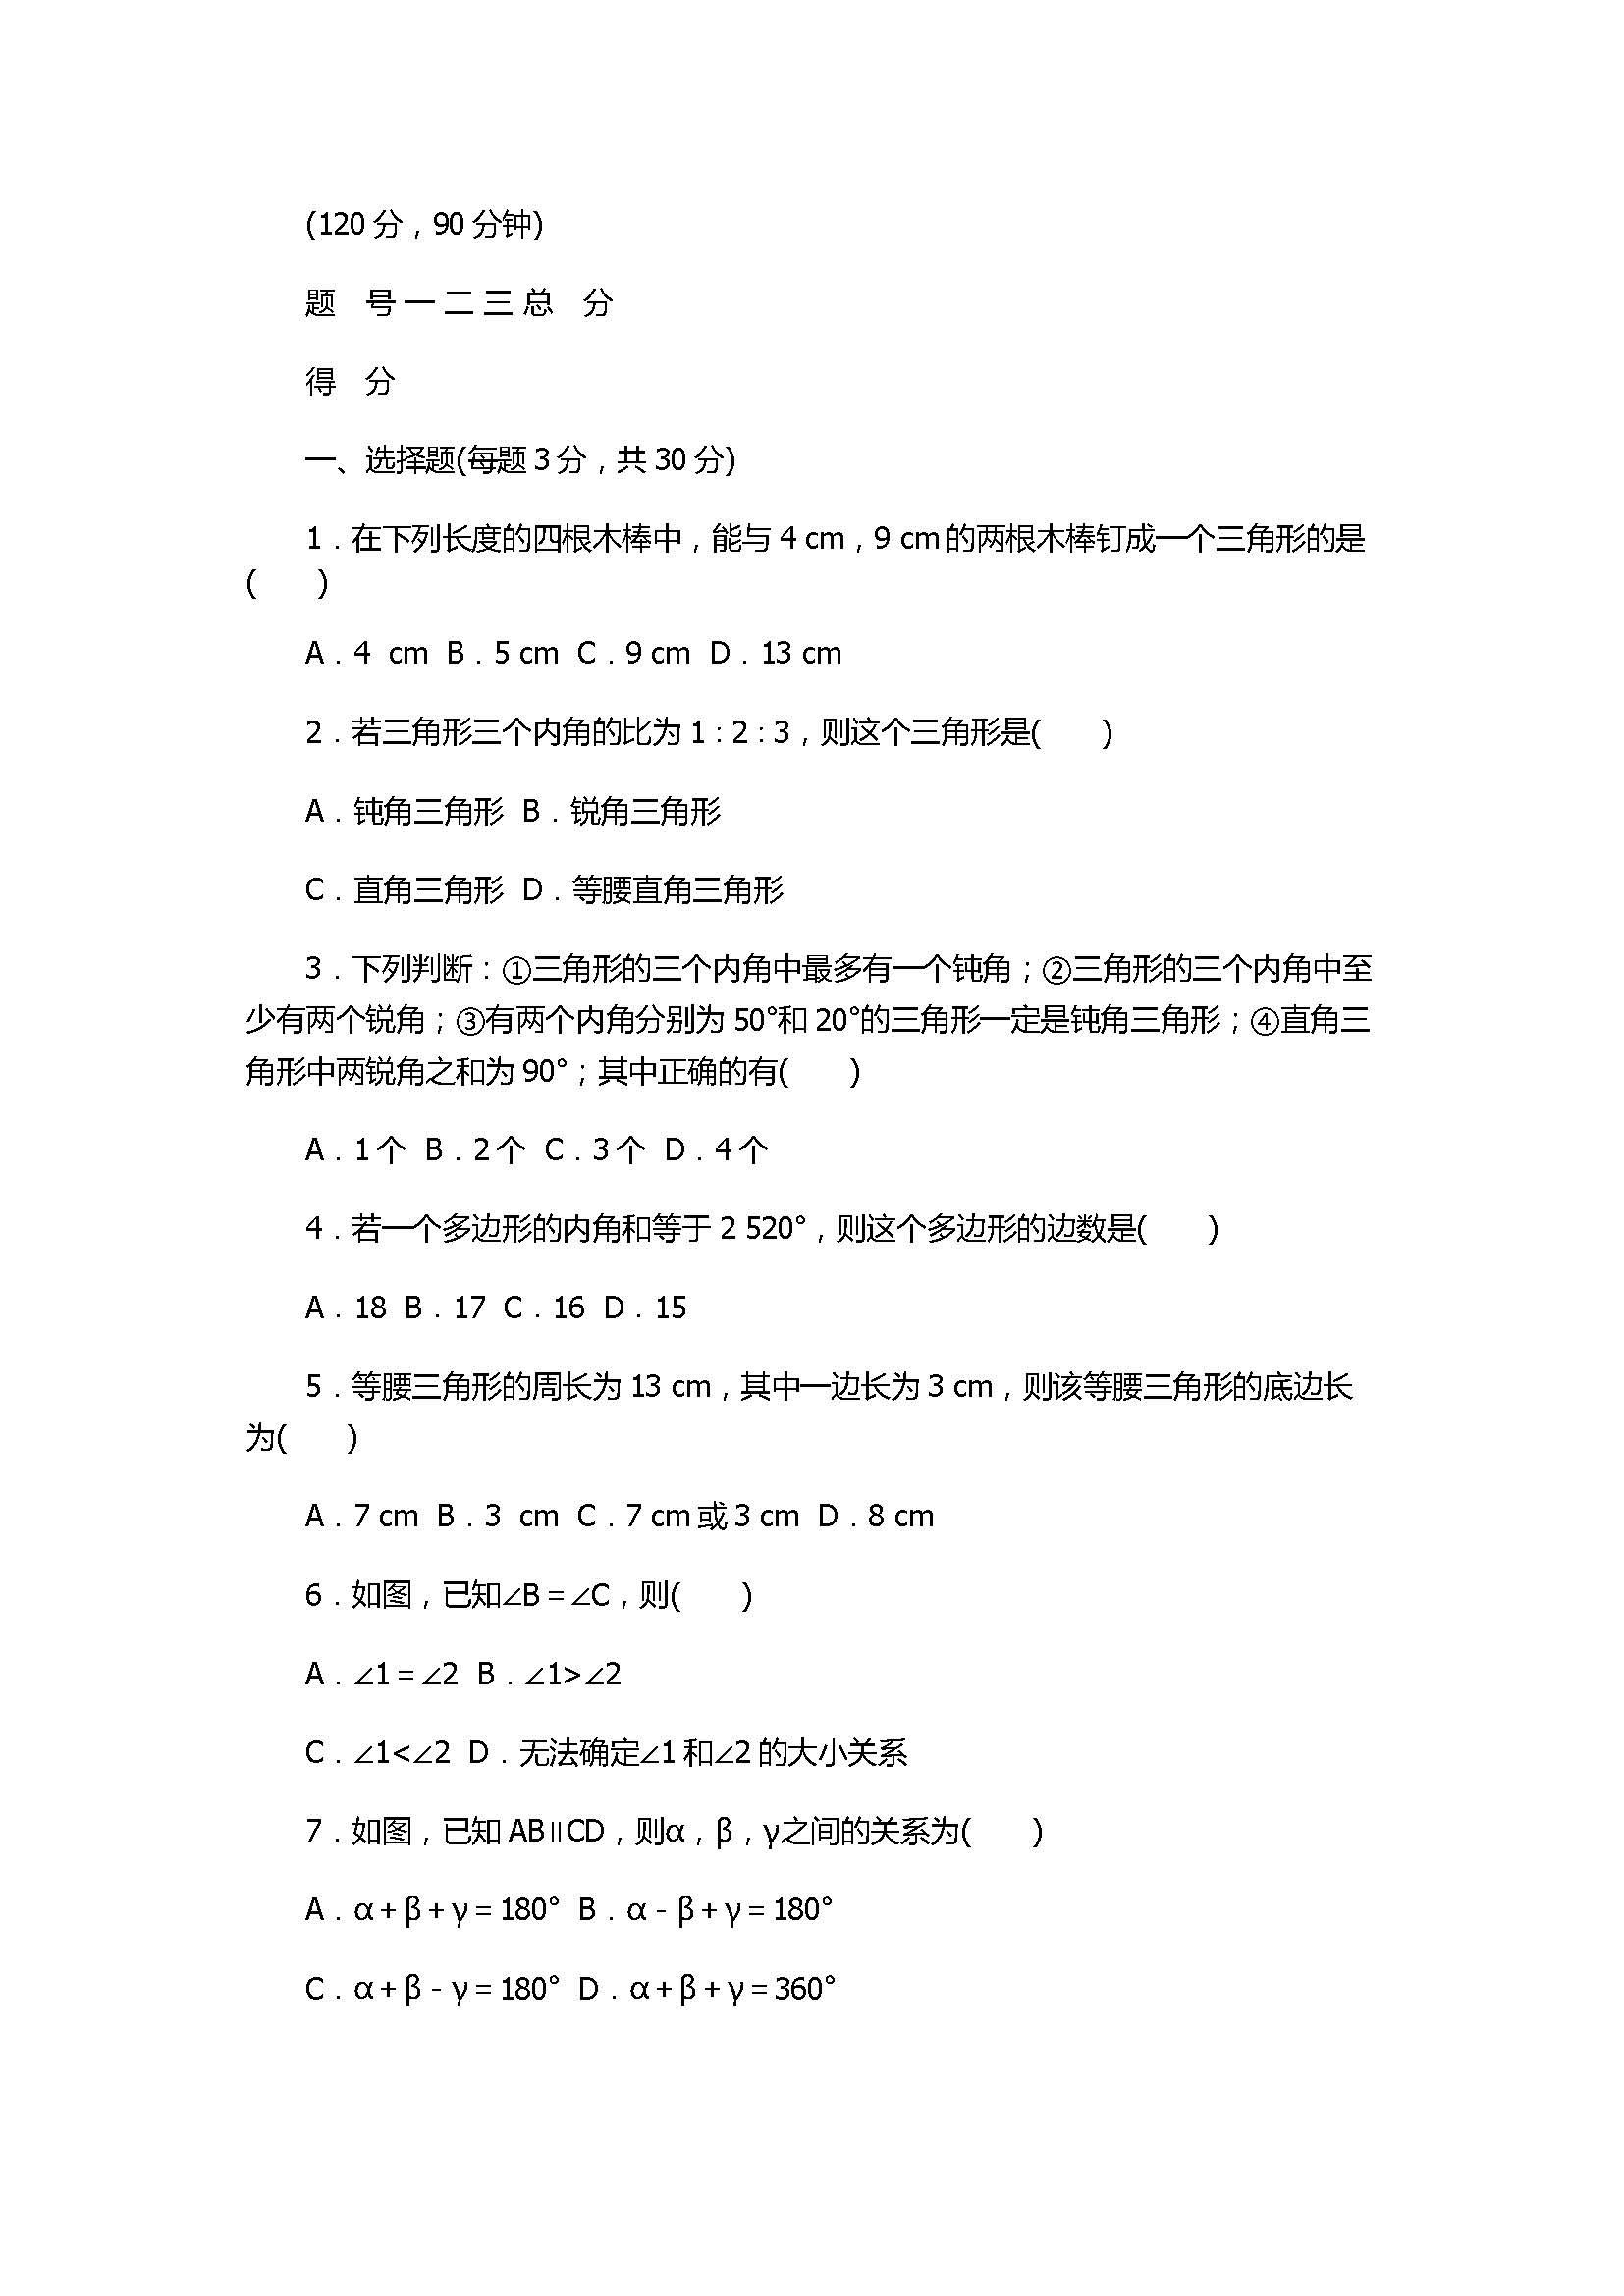 2017初一年级数学下册第九章单元检测试卷带答案(华师大板)